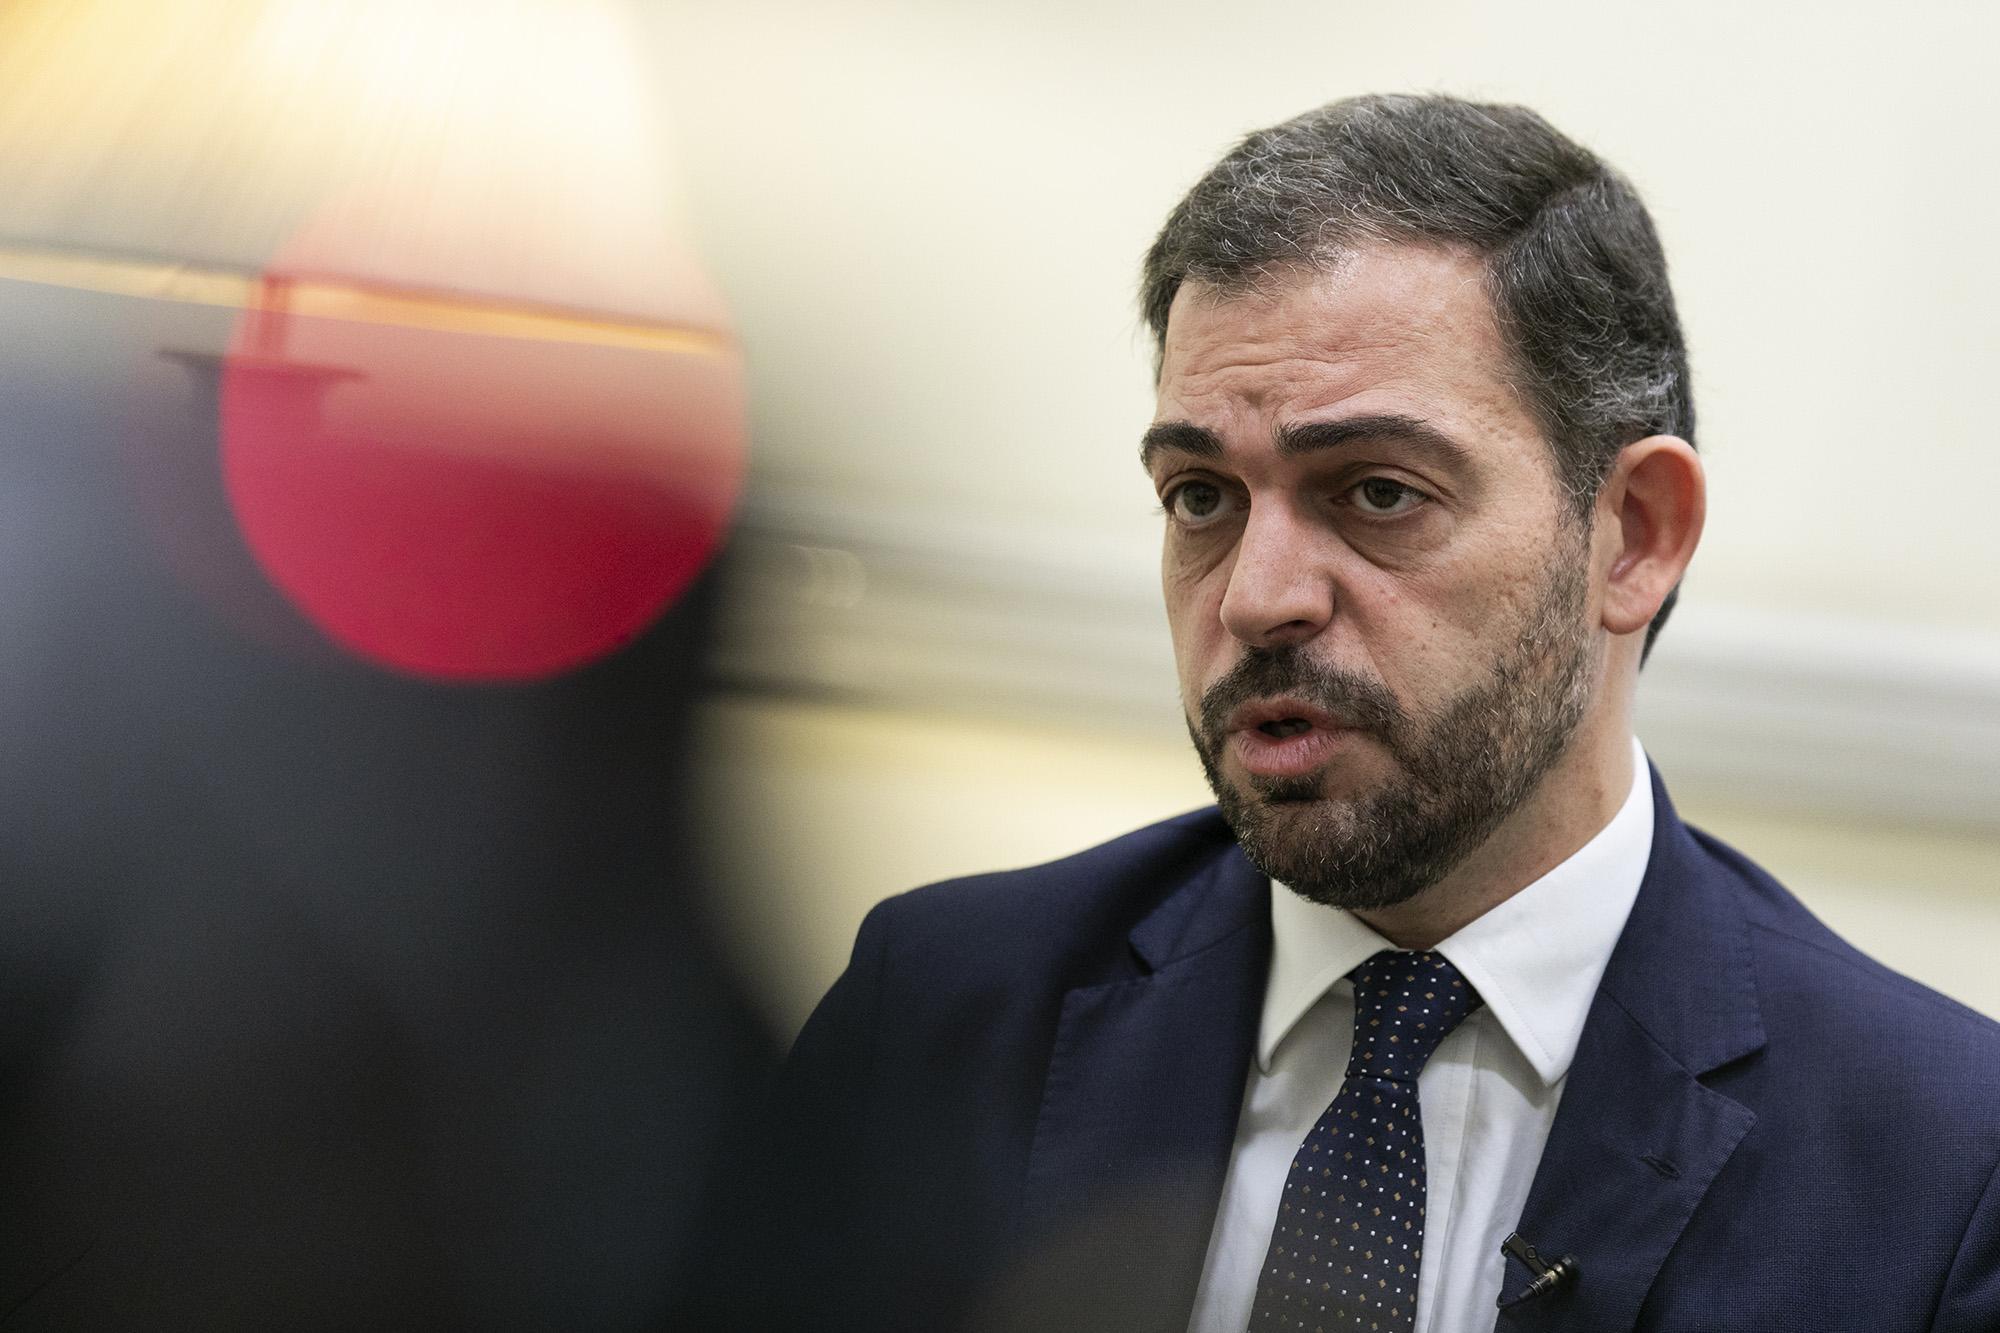 Duarte Cordeiro, Secretário de Estado dos Assuntos Parlamentares, em entrevista ao ECO - 15JAN20